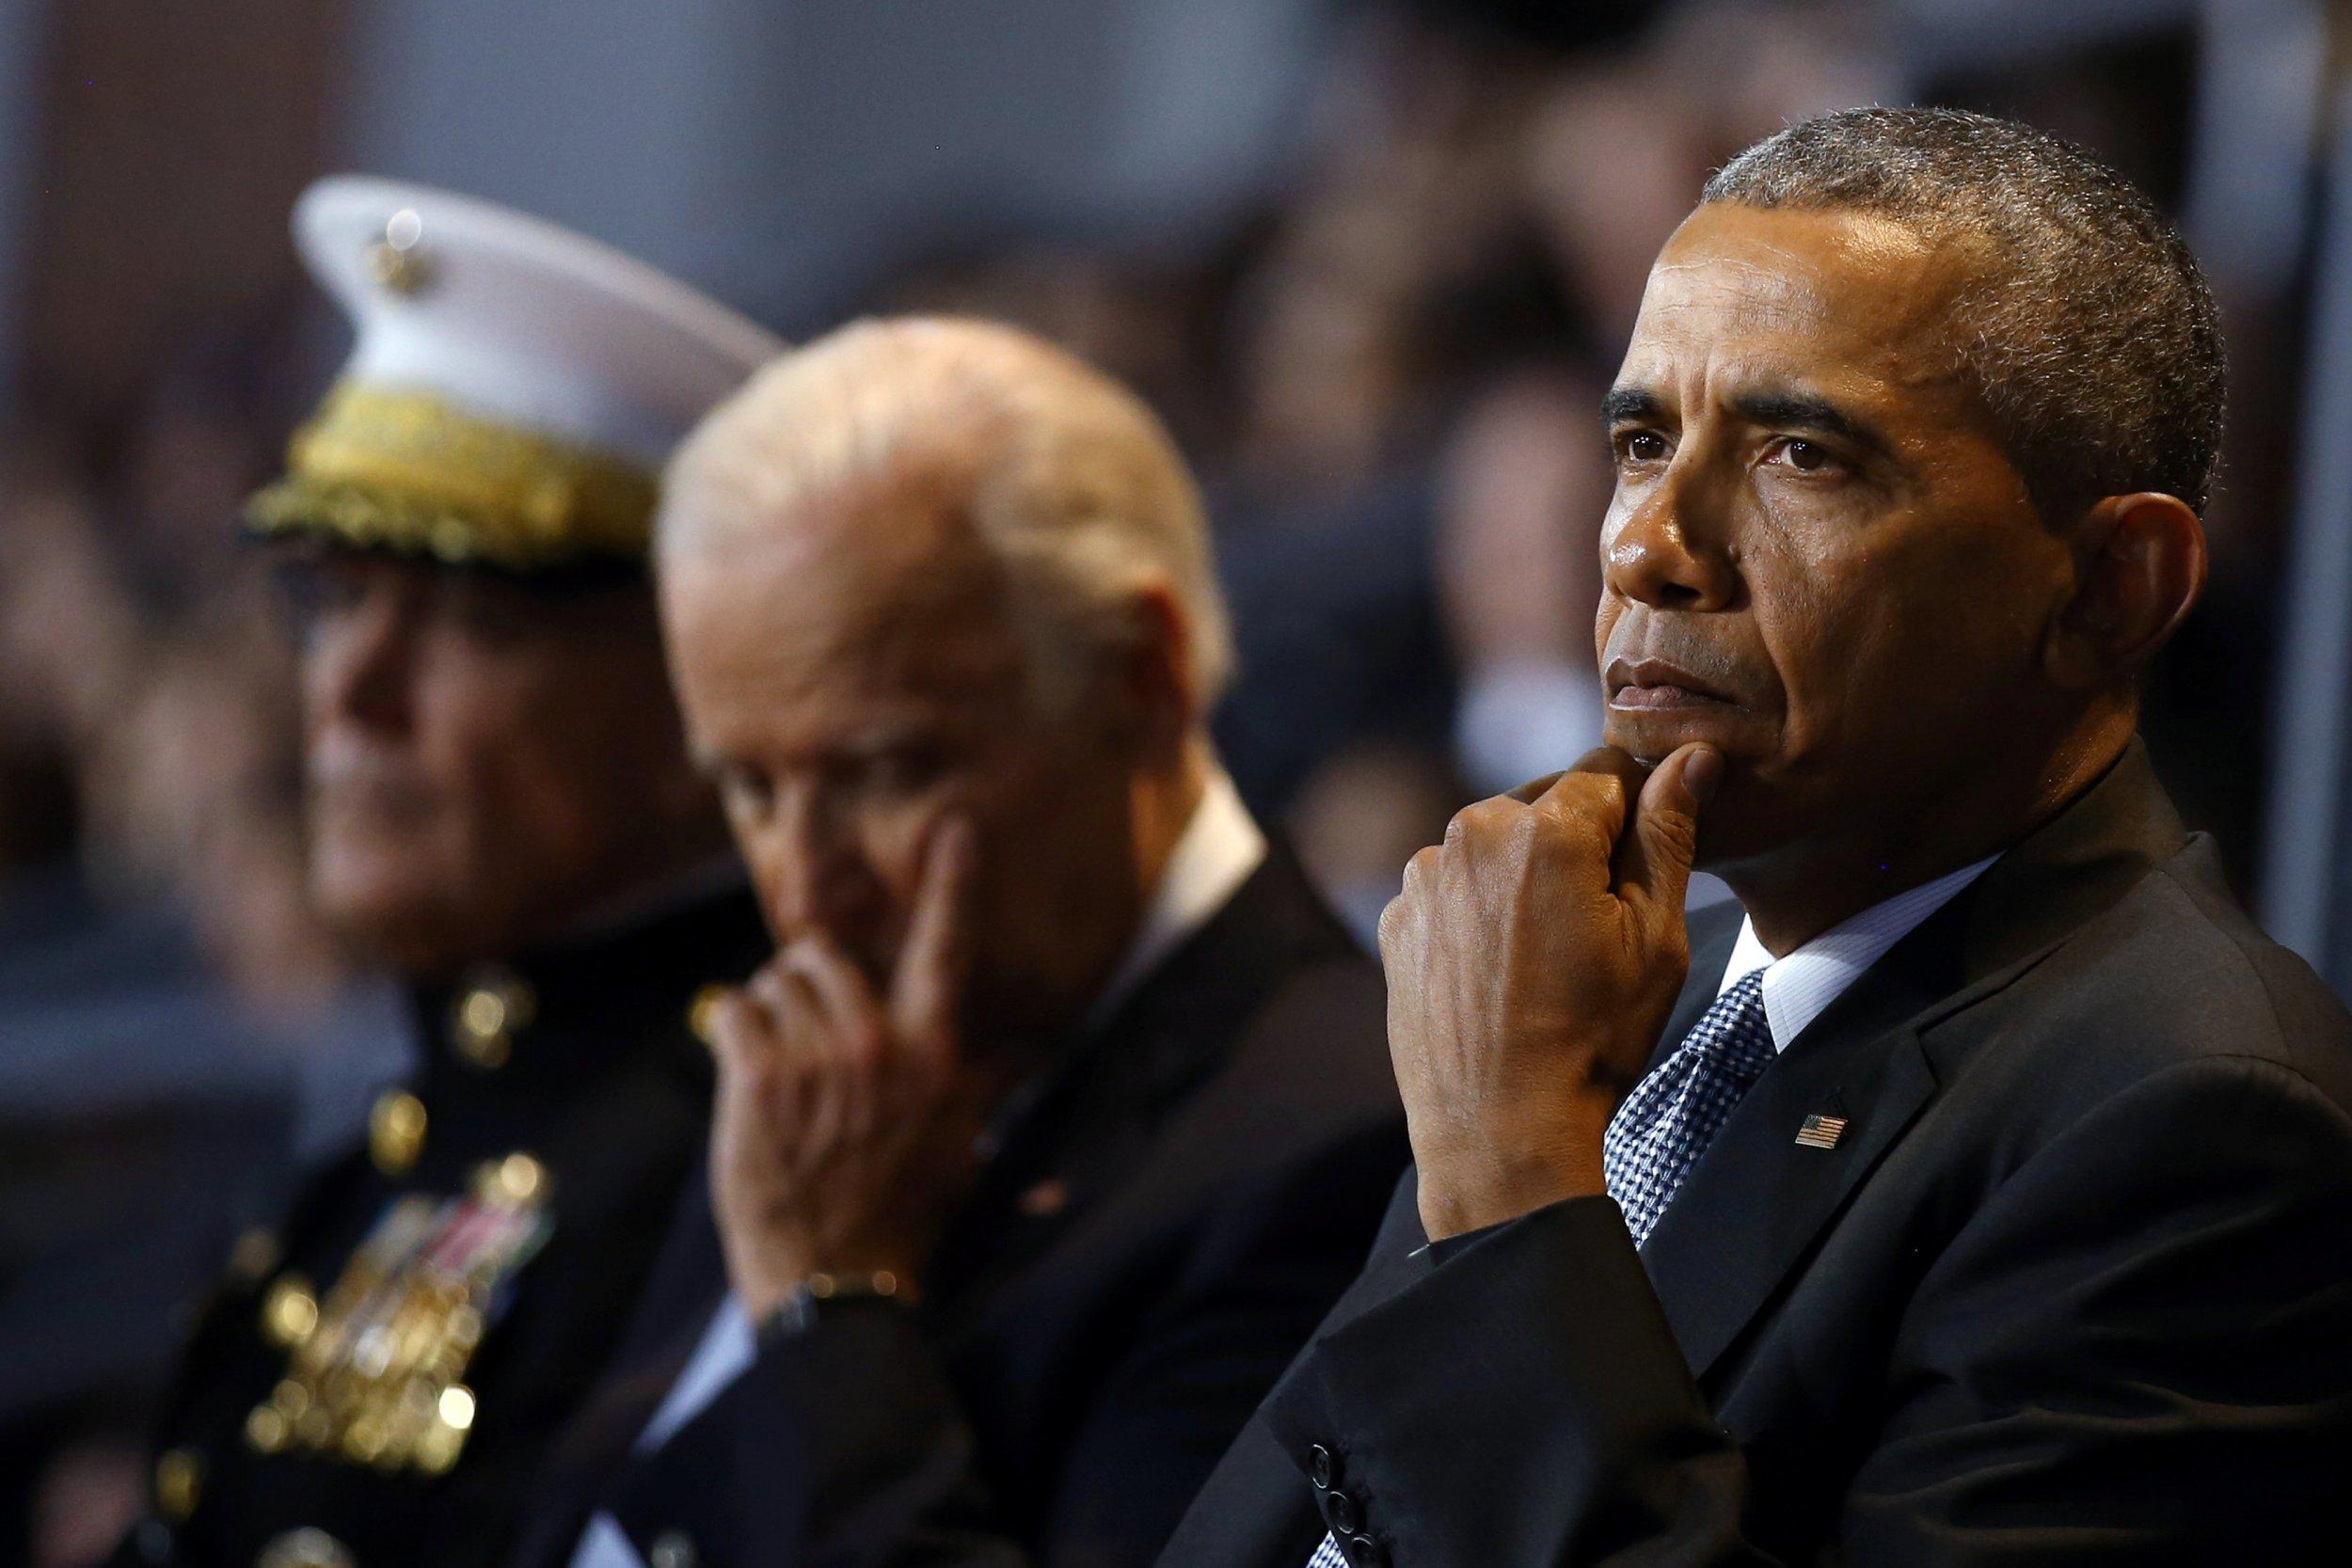 010517_obama_criminal_justice